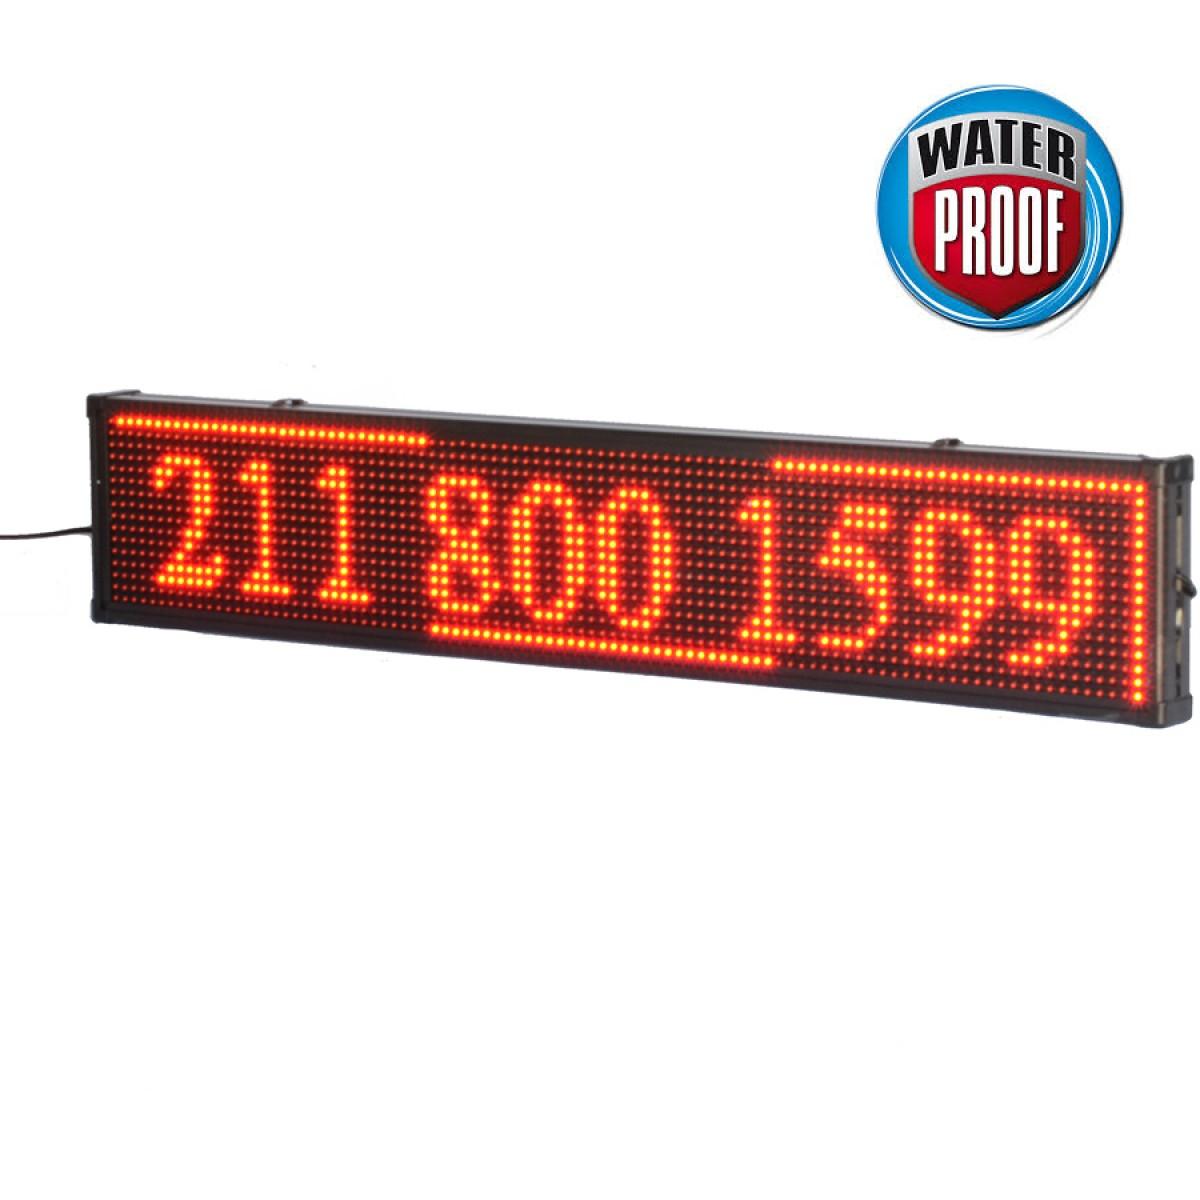 Πινακίδα LED ΑΔΙΑΒΡΟΧΗ κυλιόμενων μηνυμάτων 170x40 cm